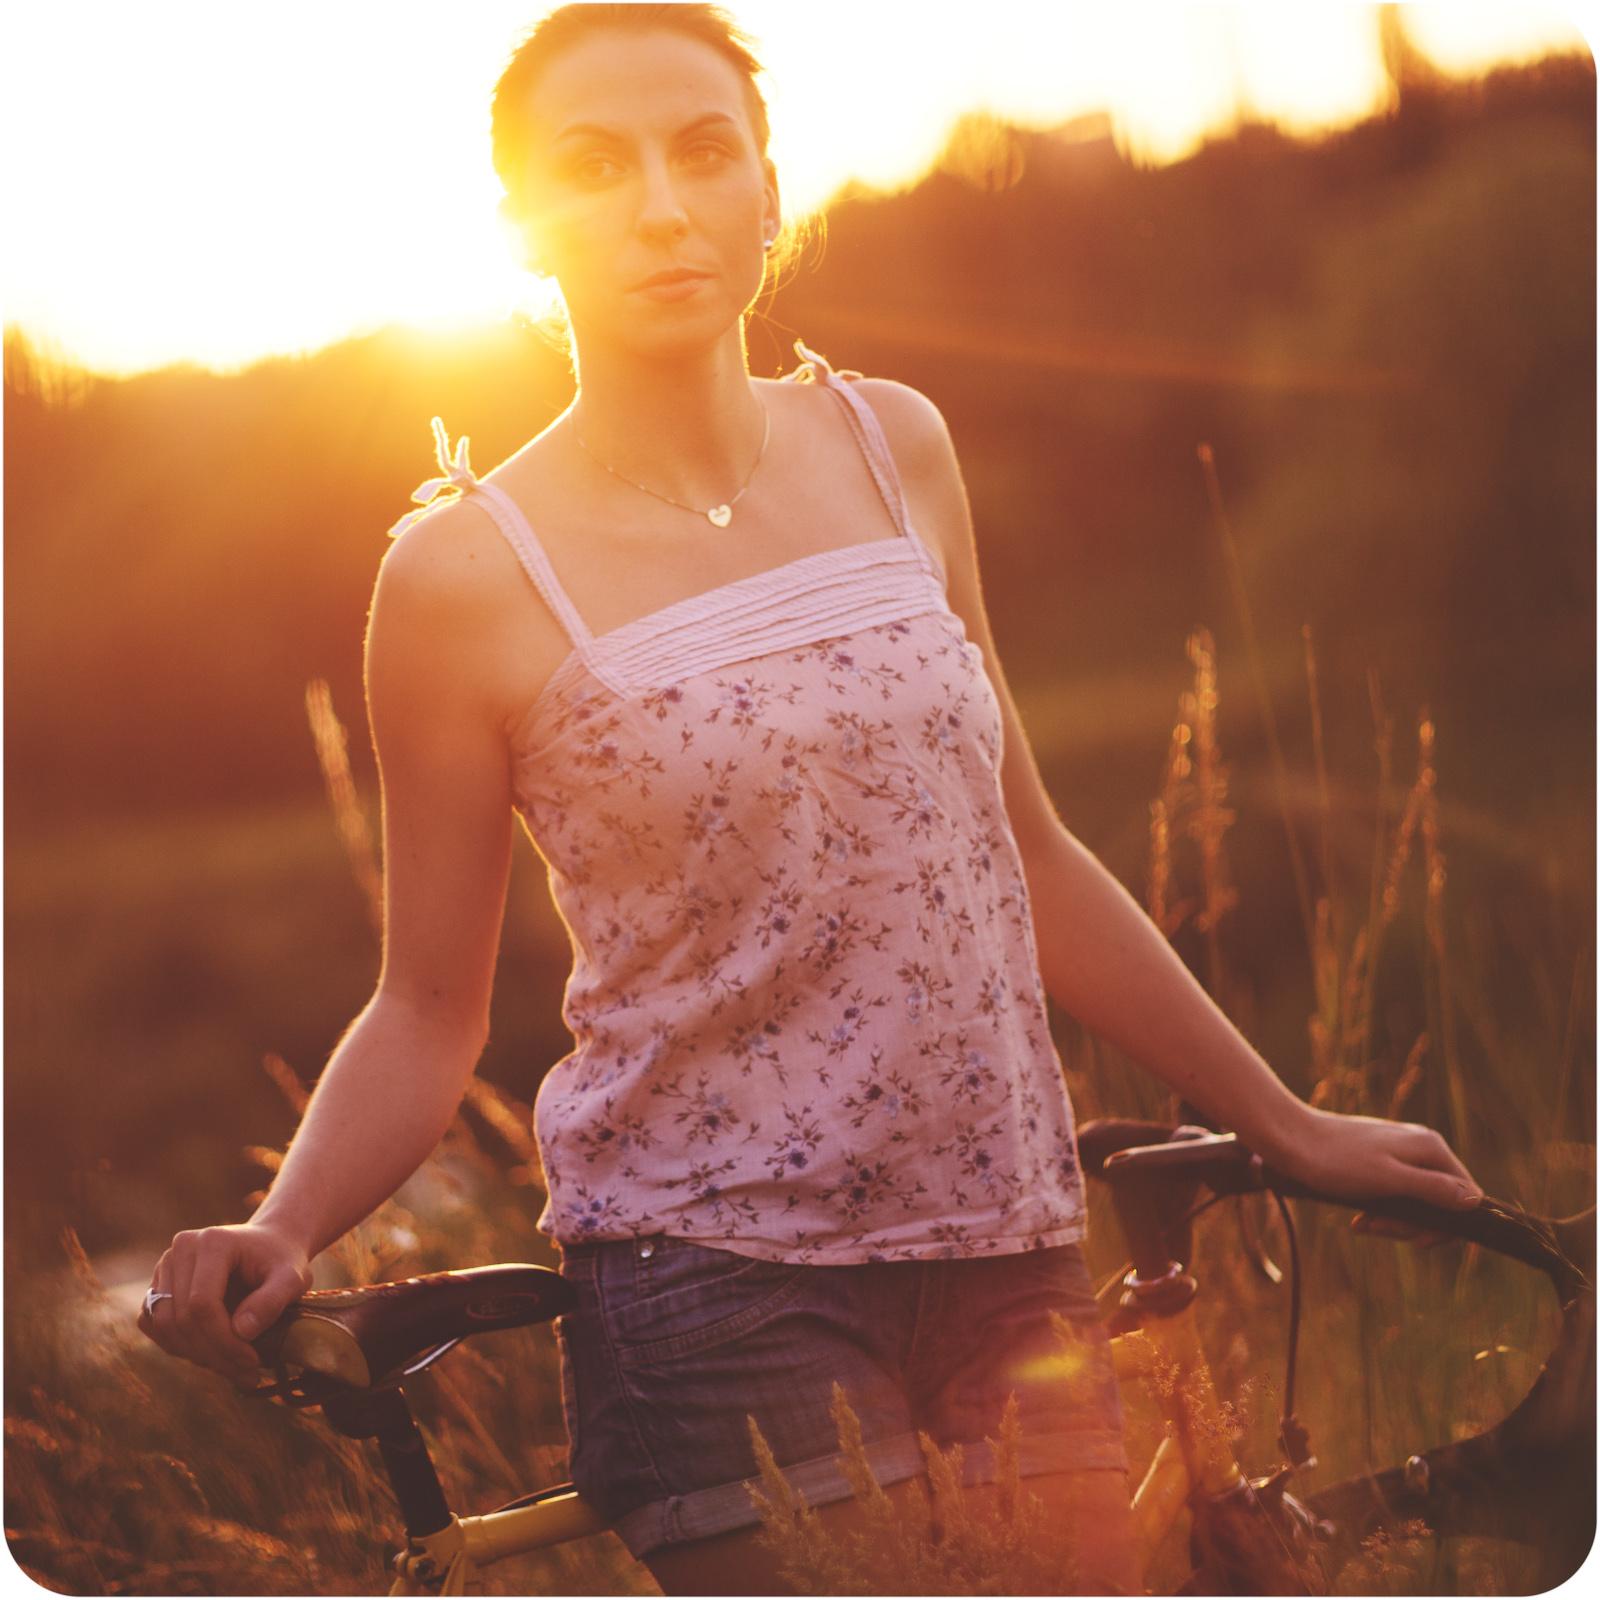 Fotografia portretowa. Portret dziewczyny z rowerem. fot. Łukasz Cyrus, Ruda Śląska.